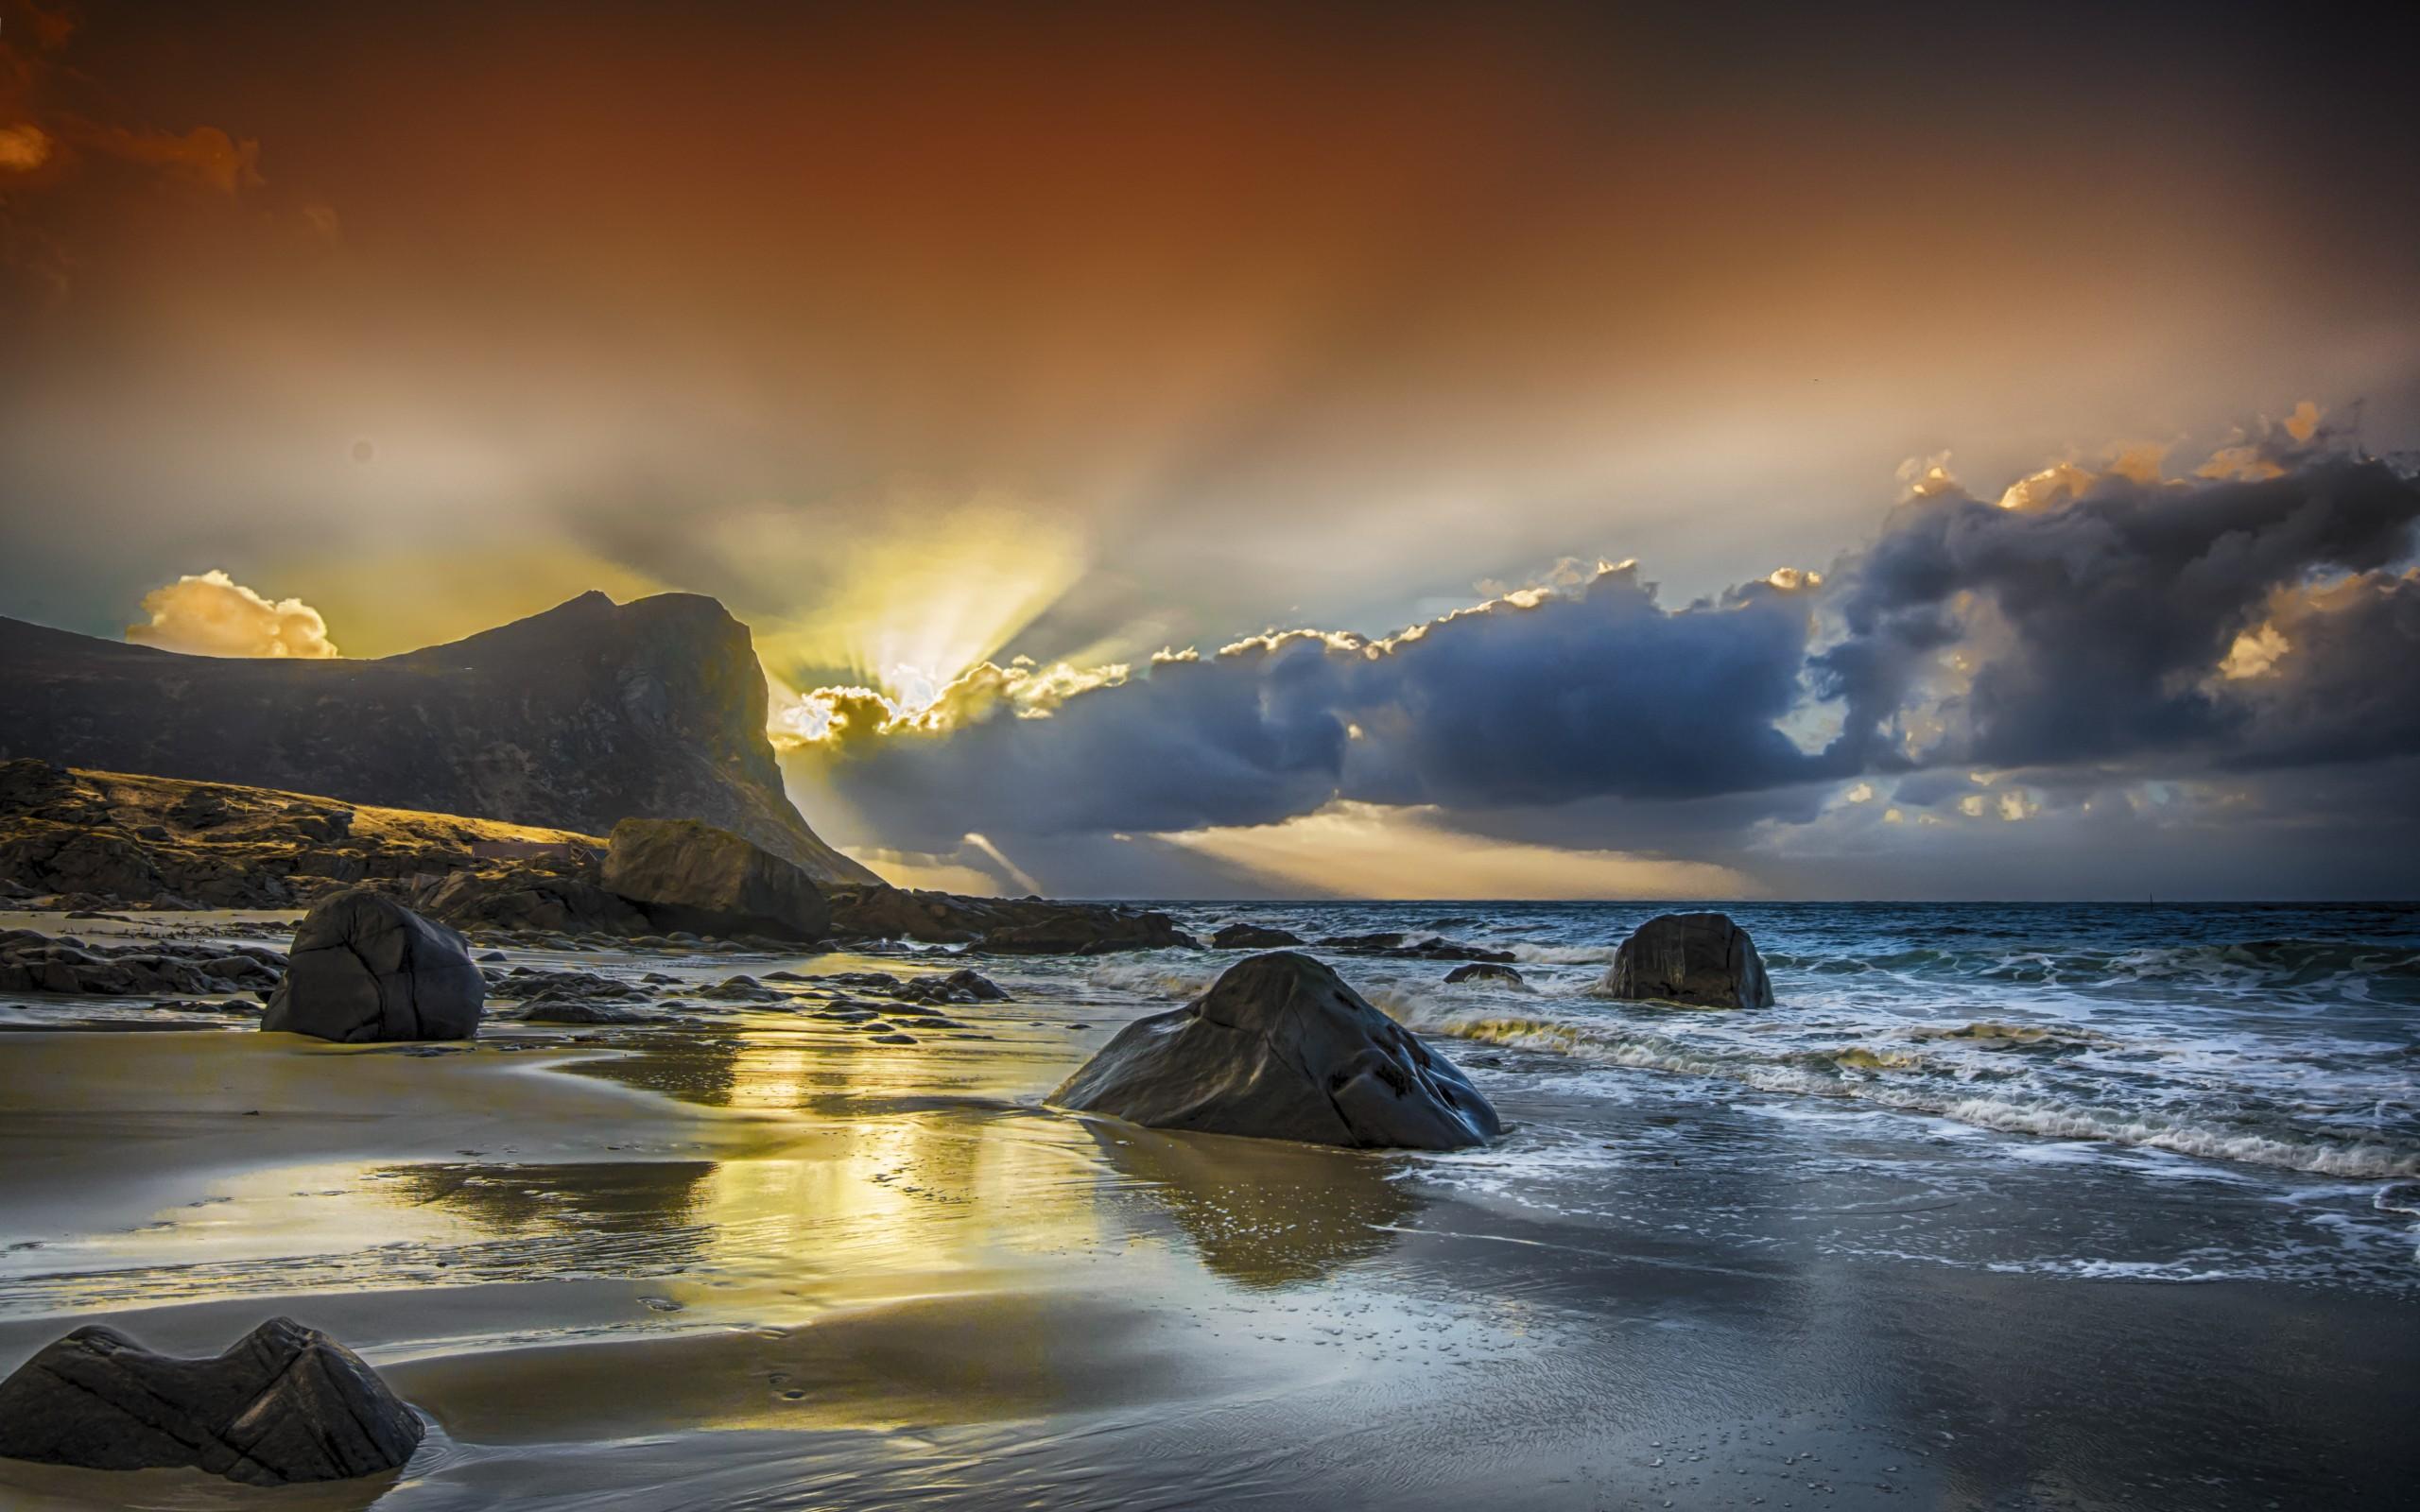 природа закат горы скалы море камни небо  № 616932 загрузить